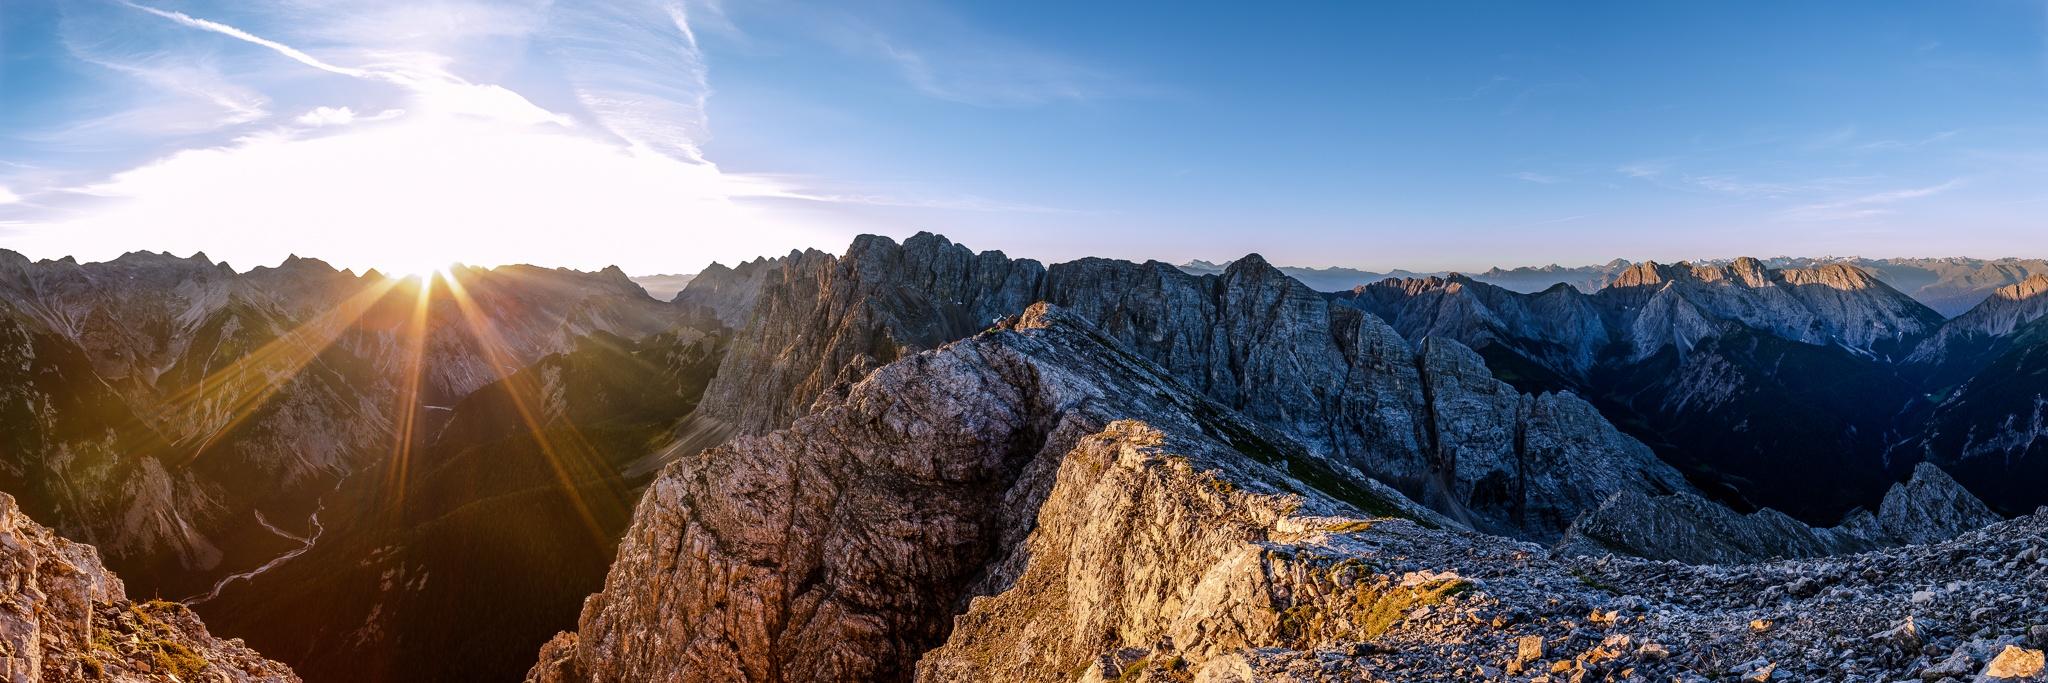 Karwendel, Sonnenaufgang, Gleirsch, Berglandschaft, Karwendelgebirge